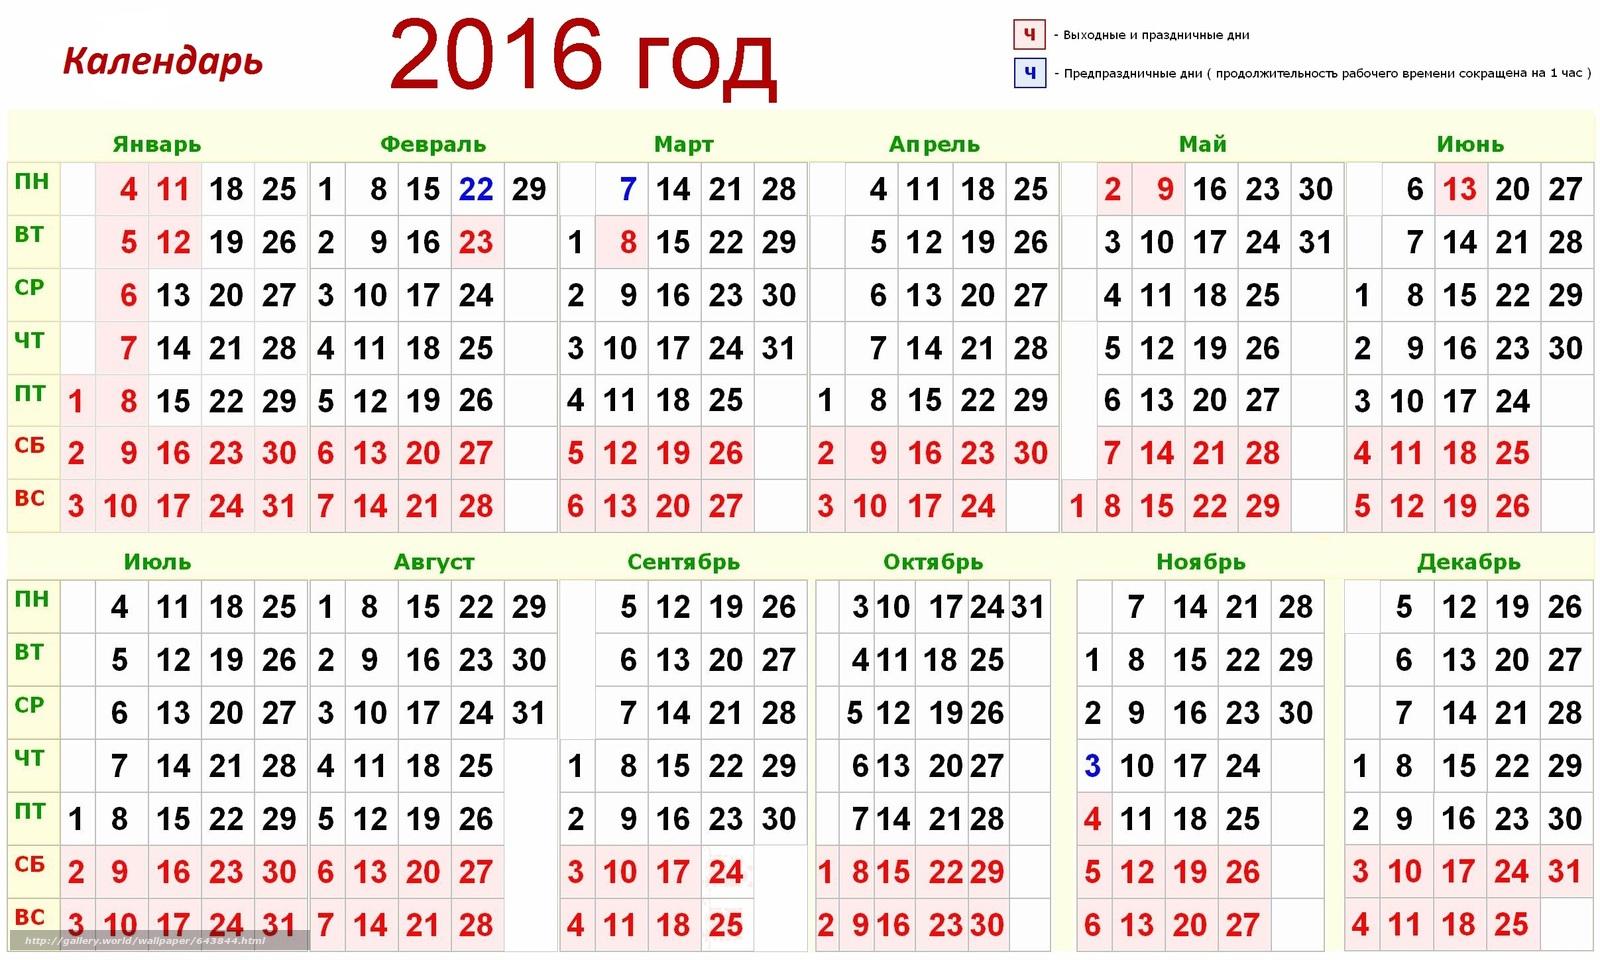 KVARTAL SETKA КАЛЕНДАРЬ НА 2016 ГОД СКАЧАТЬ БЕСПЛАТНО